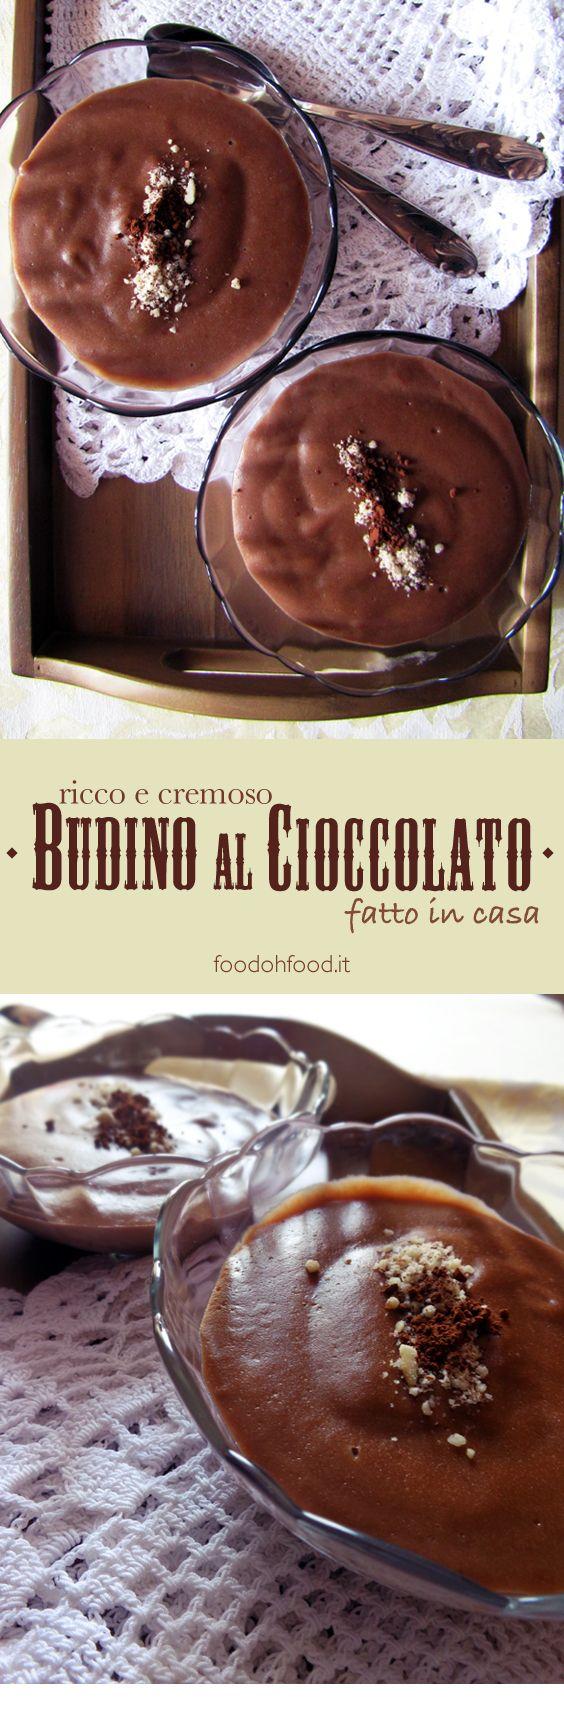 Budino goloso al cioccolato fatto in casa. Semplice, genuino e tanto saporito. L'aggiunta dei tuorli d'uovo lo rende ancora più ricco e cremoso.